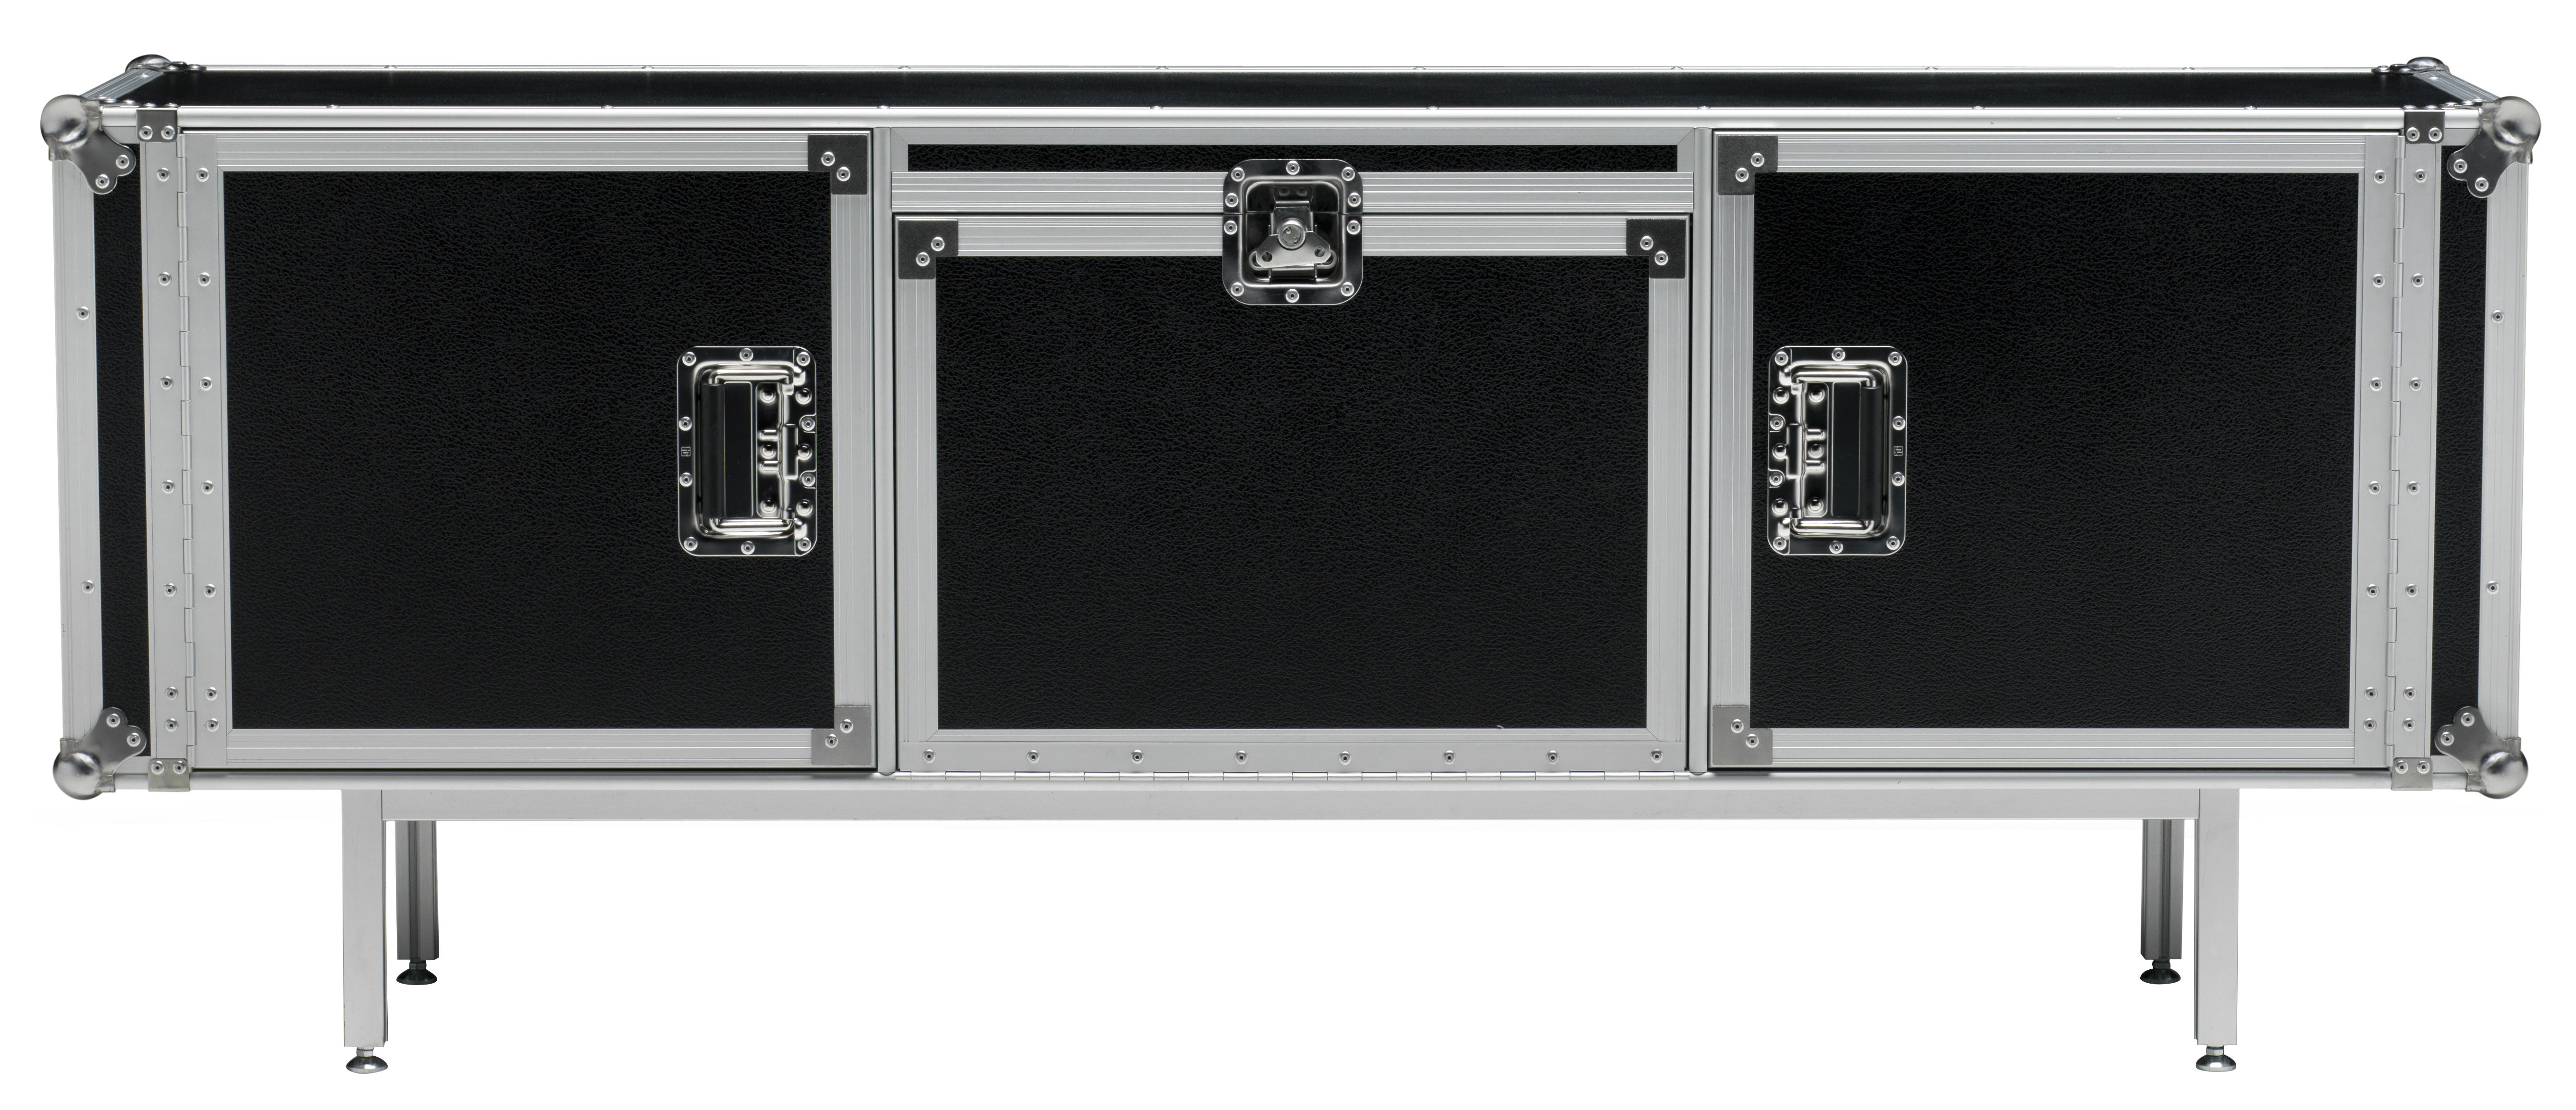 Mobilier - Commodes, buffets & armoires - Buffet Total Flightcase L 180 cm - Diesel with Moroso - Noir - Acier chromé, Stratifié